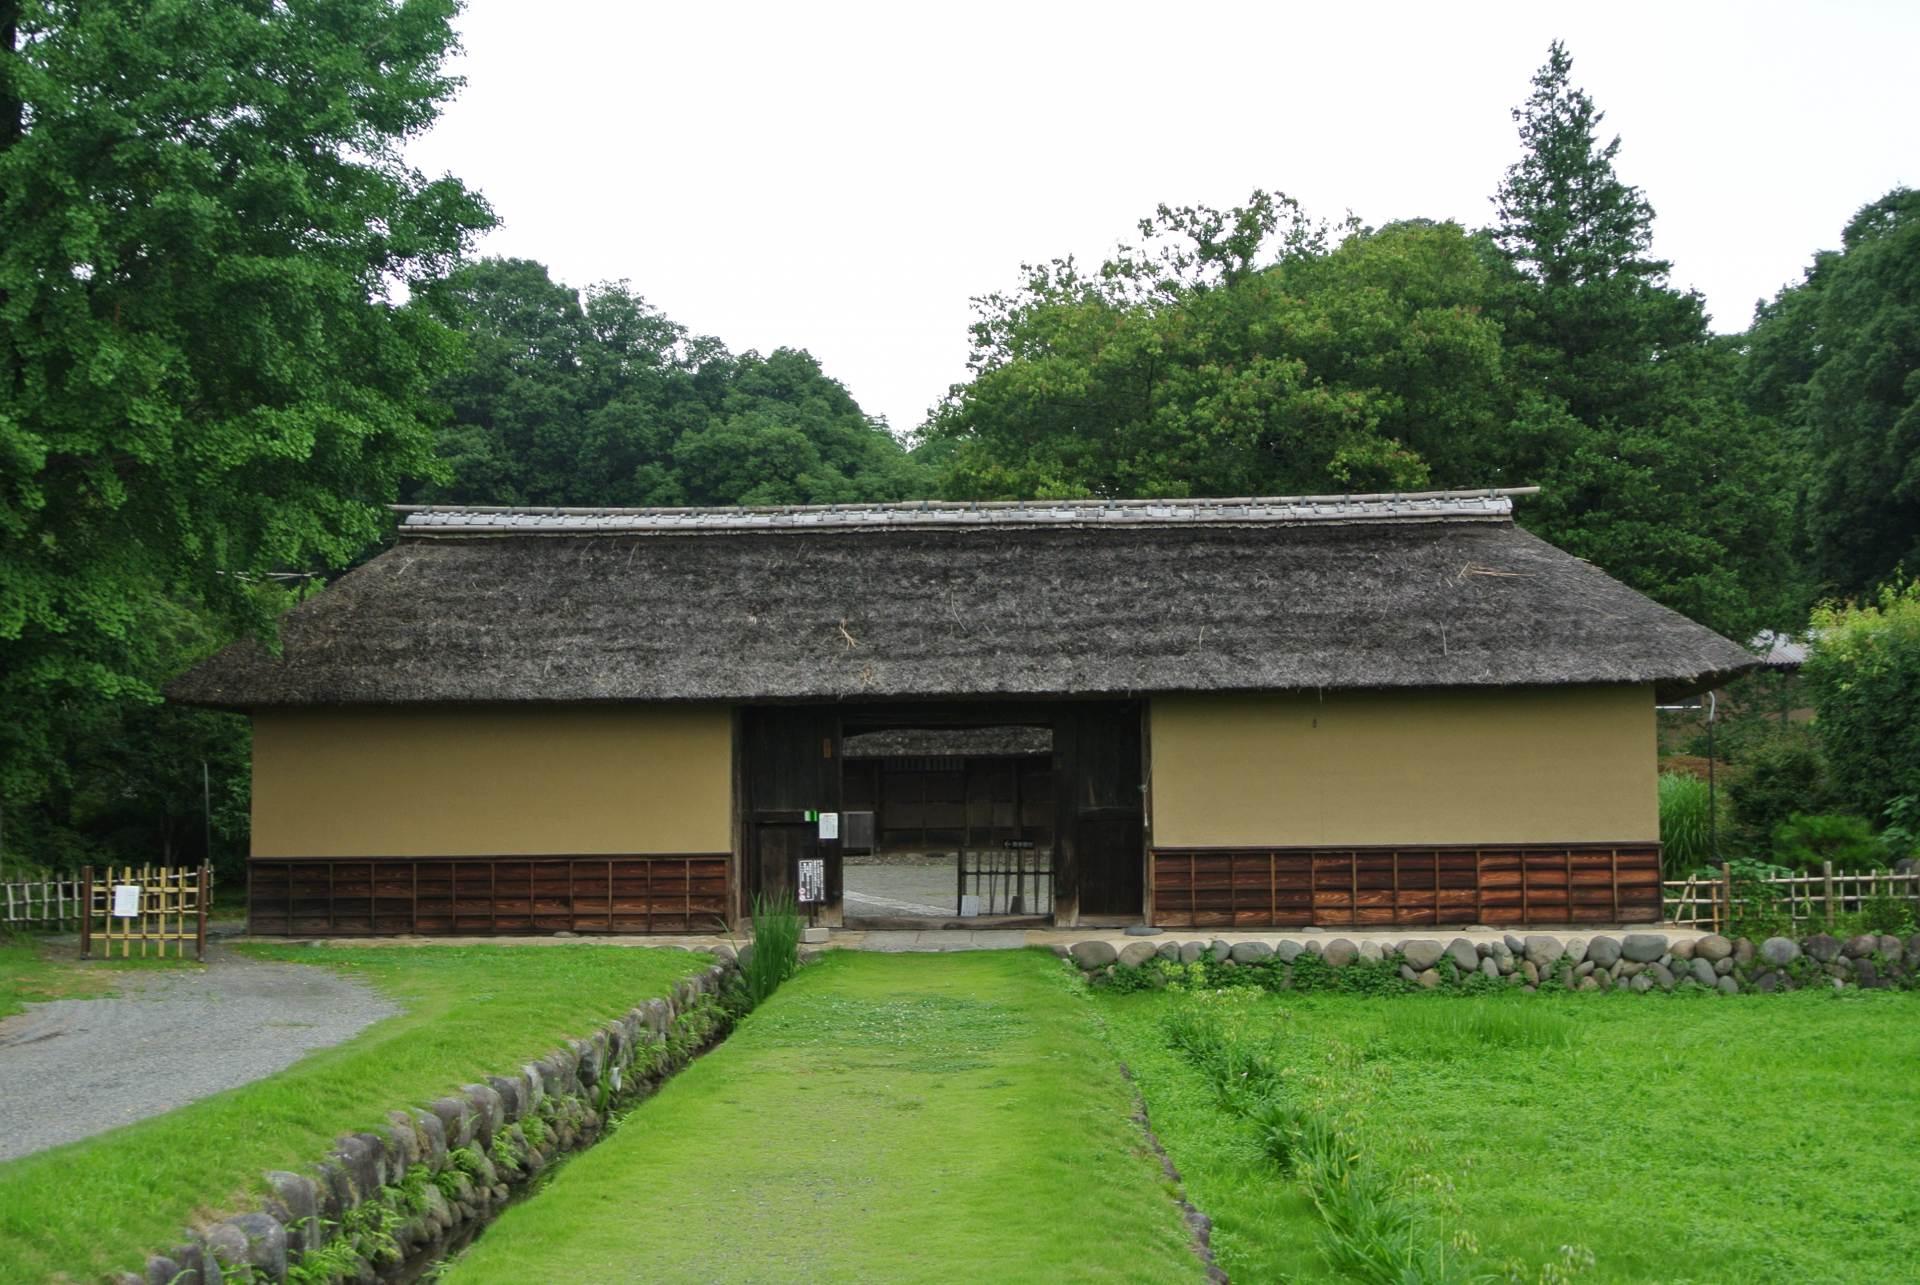 ซุ้มประตูใหญ่ที่ว่ากันว่าสร้างขึ้นตั้งแต่ช่วงกลางสมัยเอะโดะ (ช่วงปี 1716-1829)